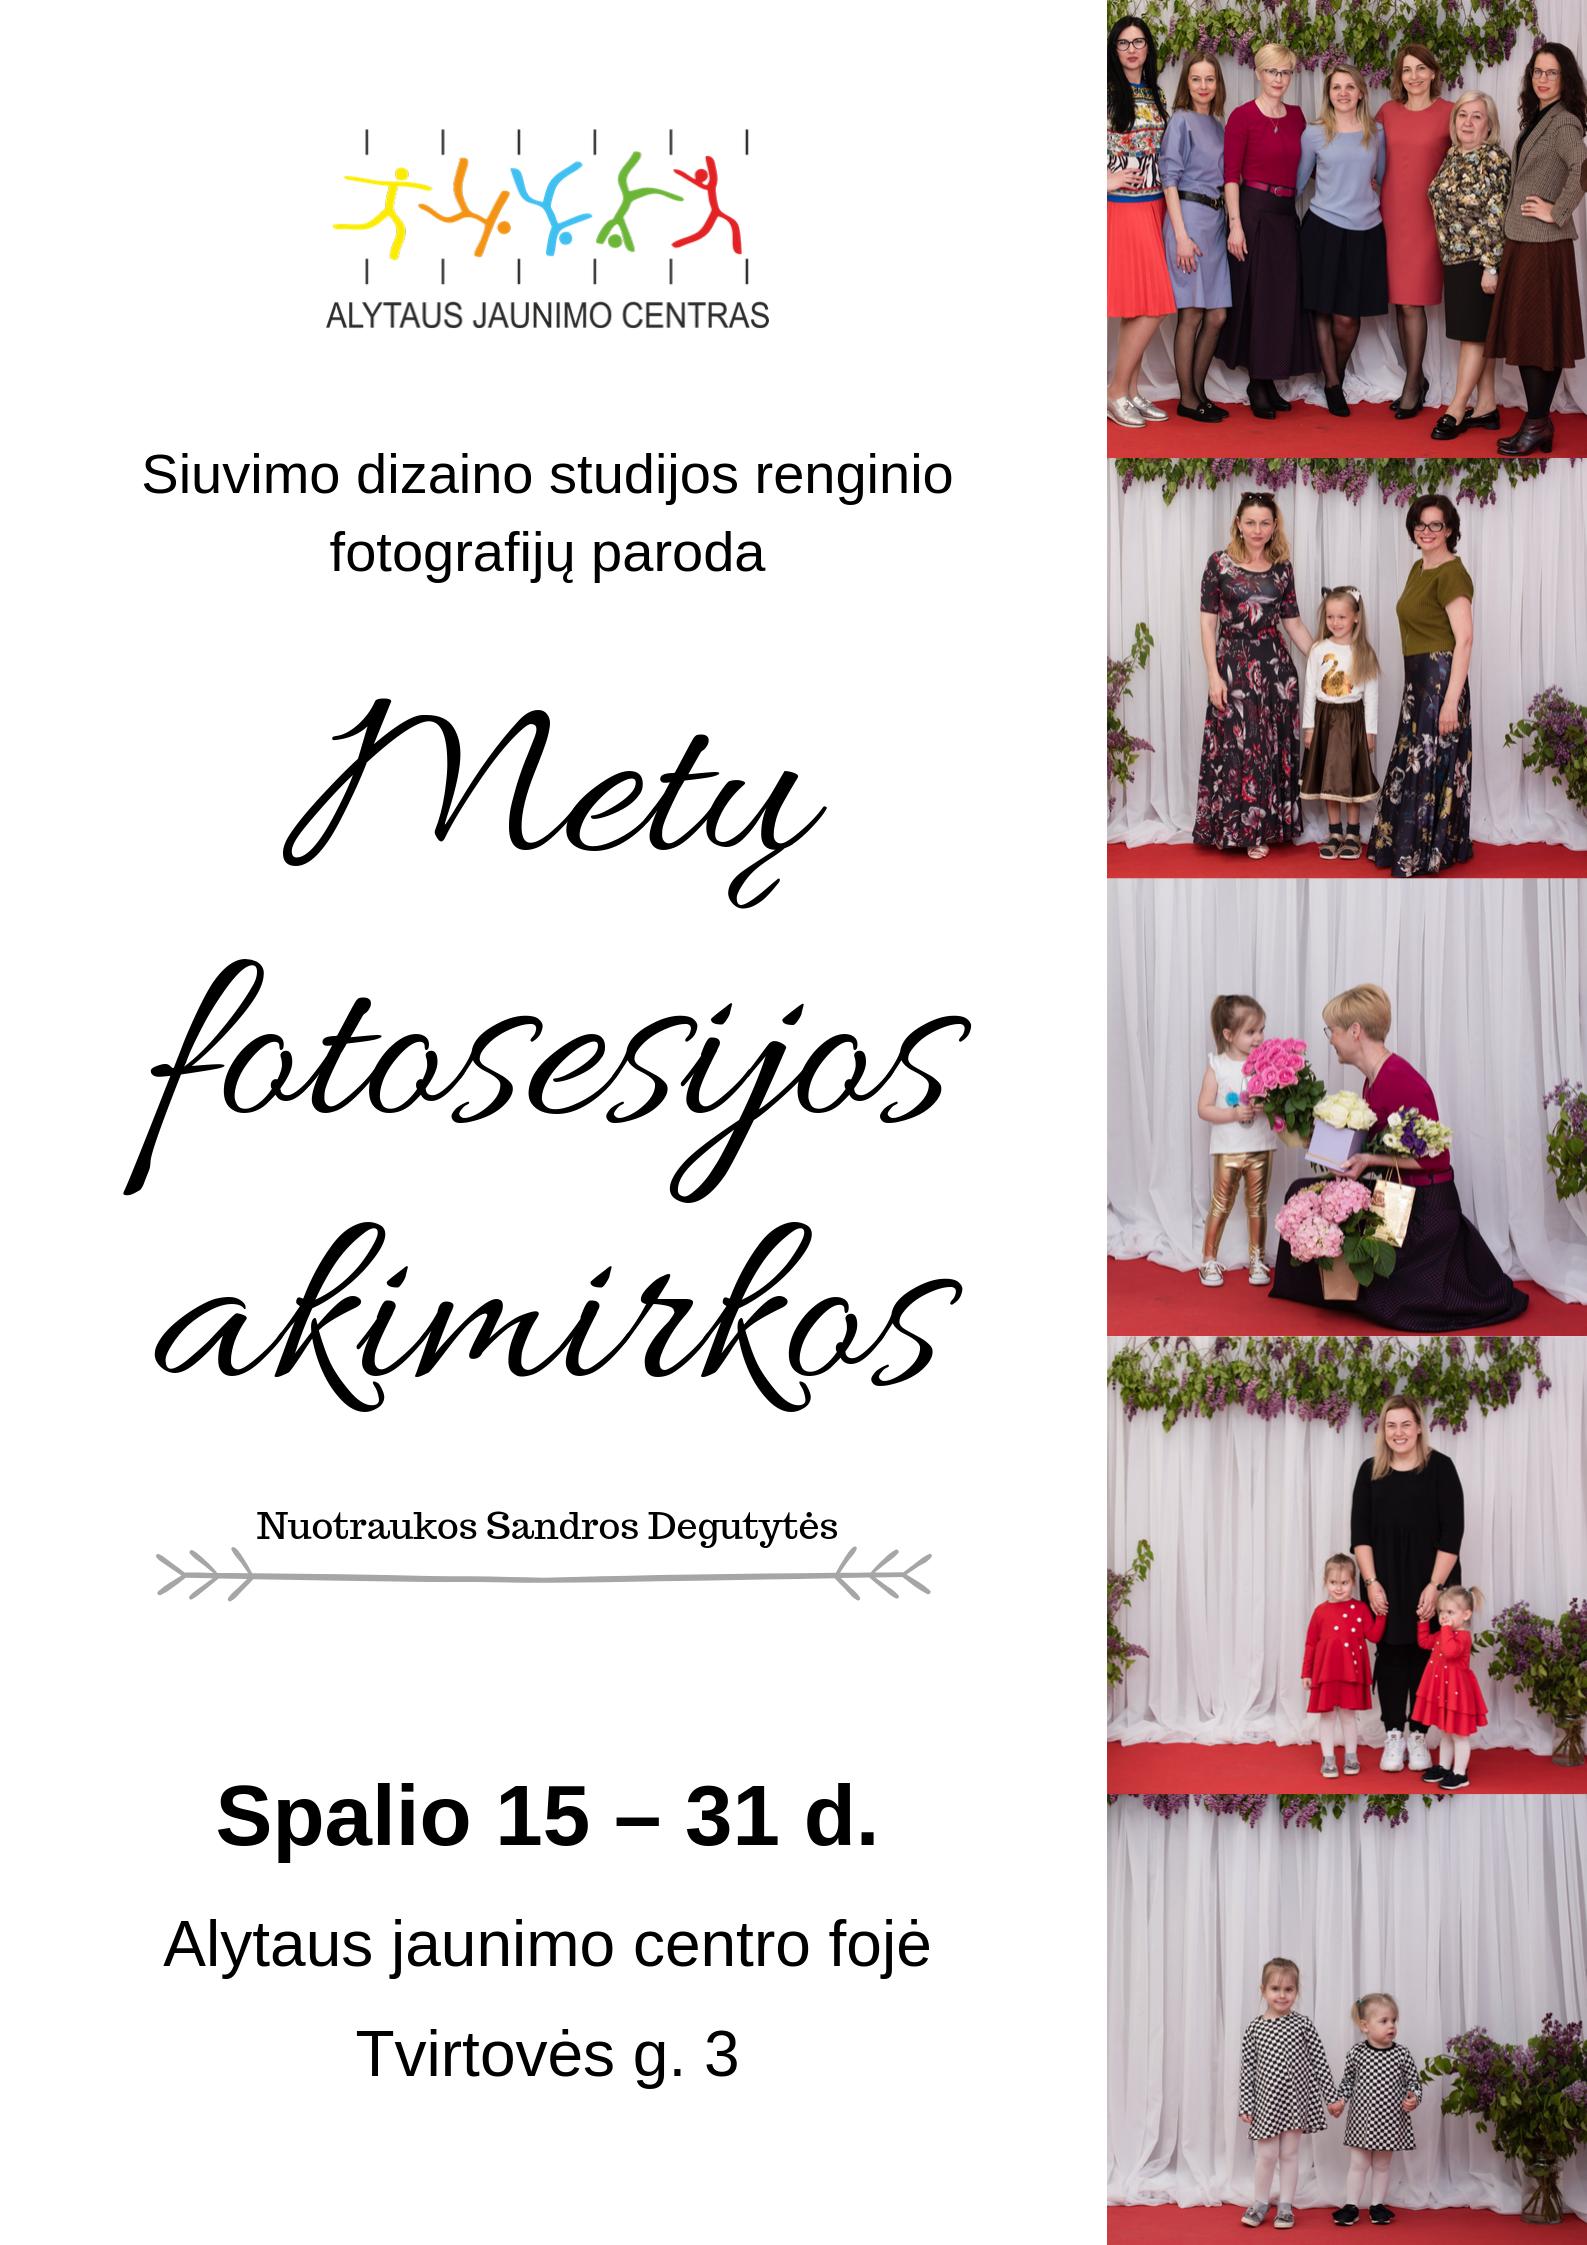 """Fotografijų paroda """"Metų fotosesijos akimirkos"""" Alytaus jaunimo centre spalio 15 – 31 d."""